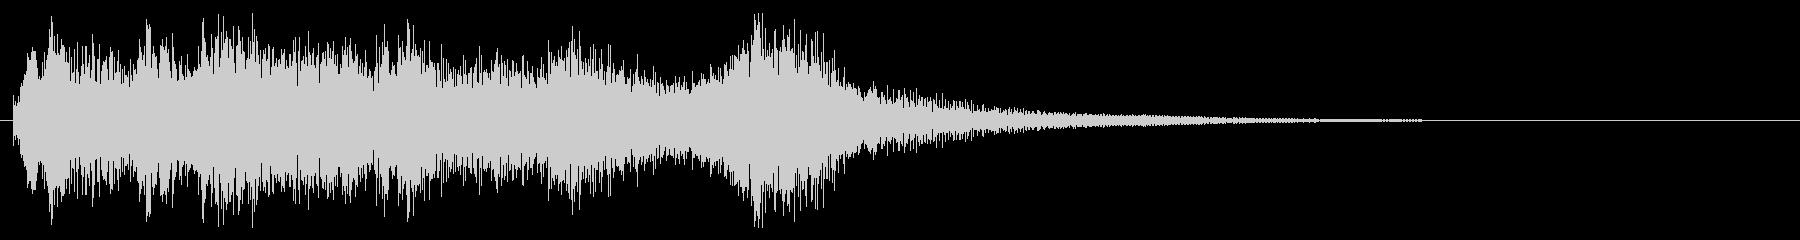 ジングル@オーケストラ#7コミカルの未再生の波形